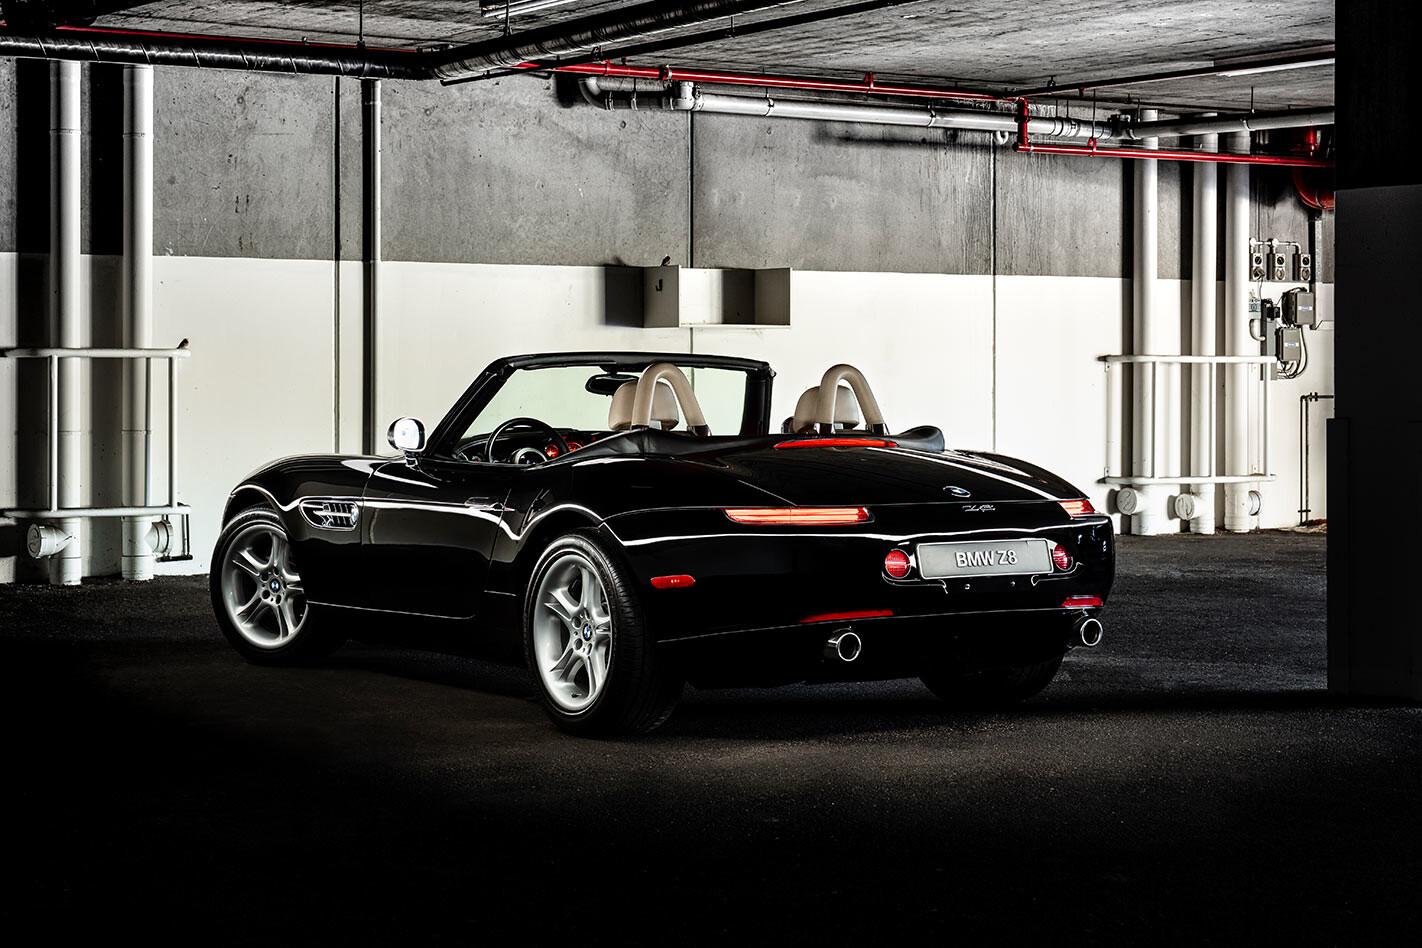 BMW Z8 rear angle